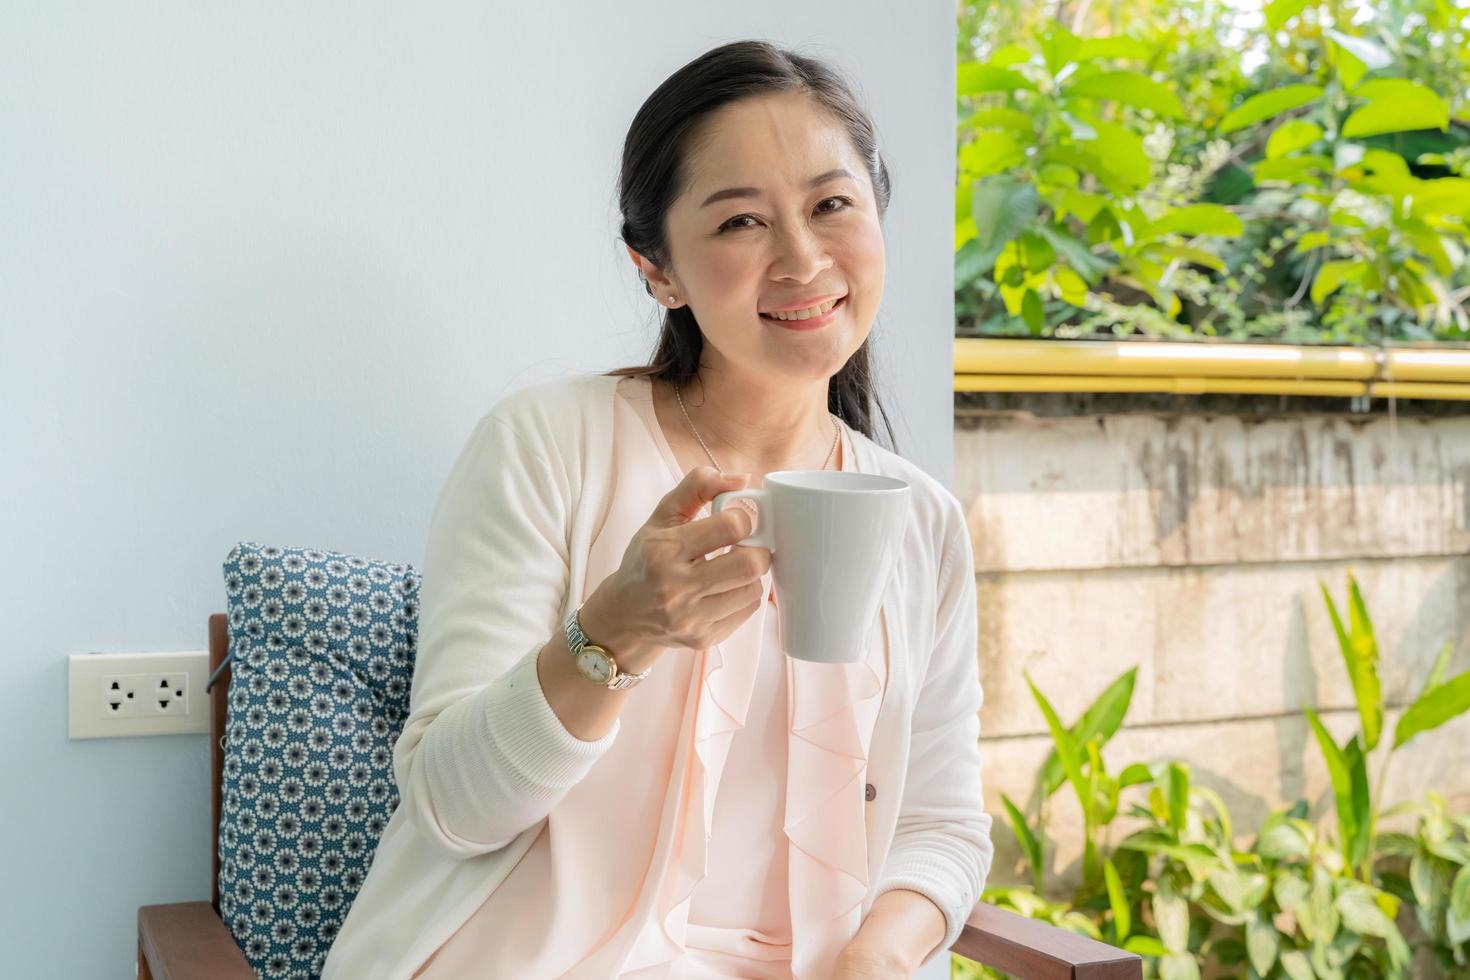 mulher asiática de meia-idade, sentado e tomando café no quintal. foto